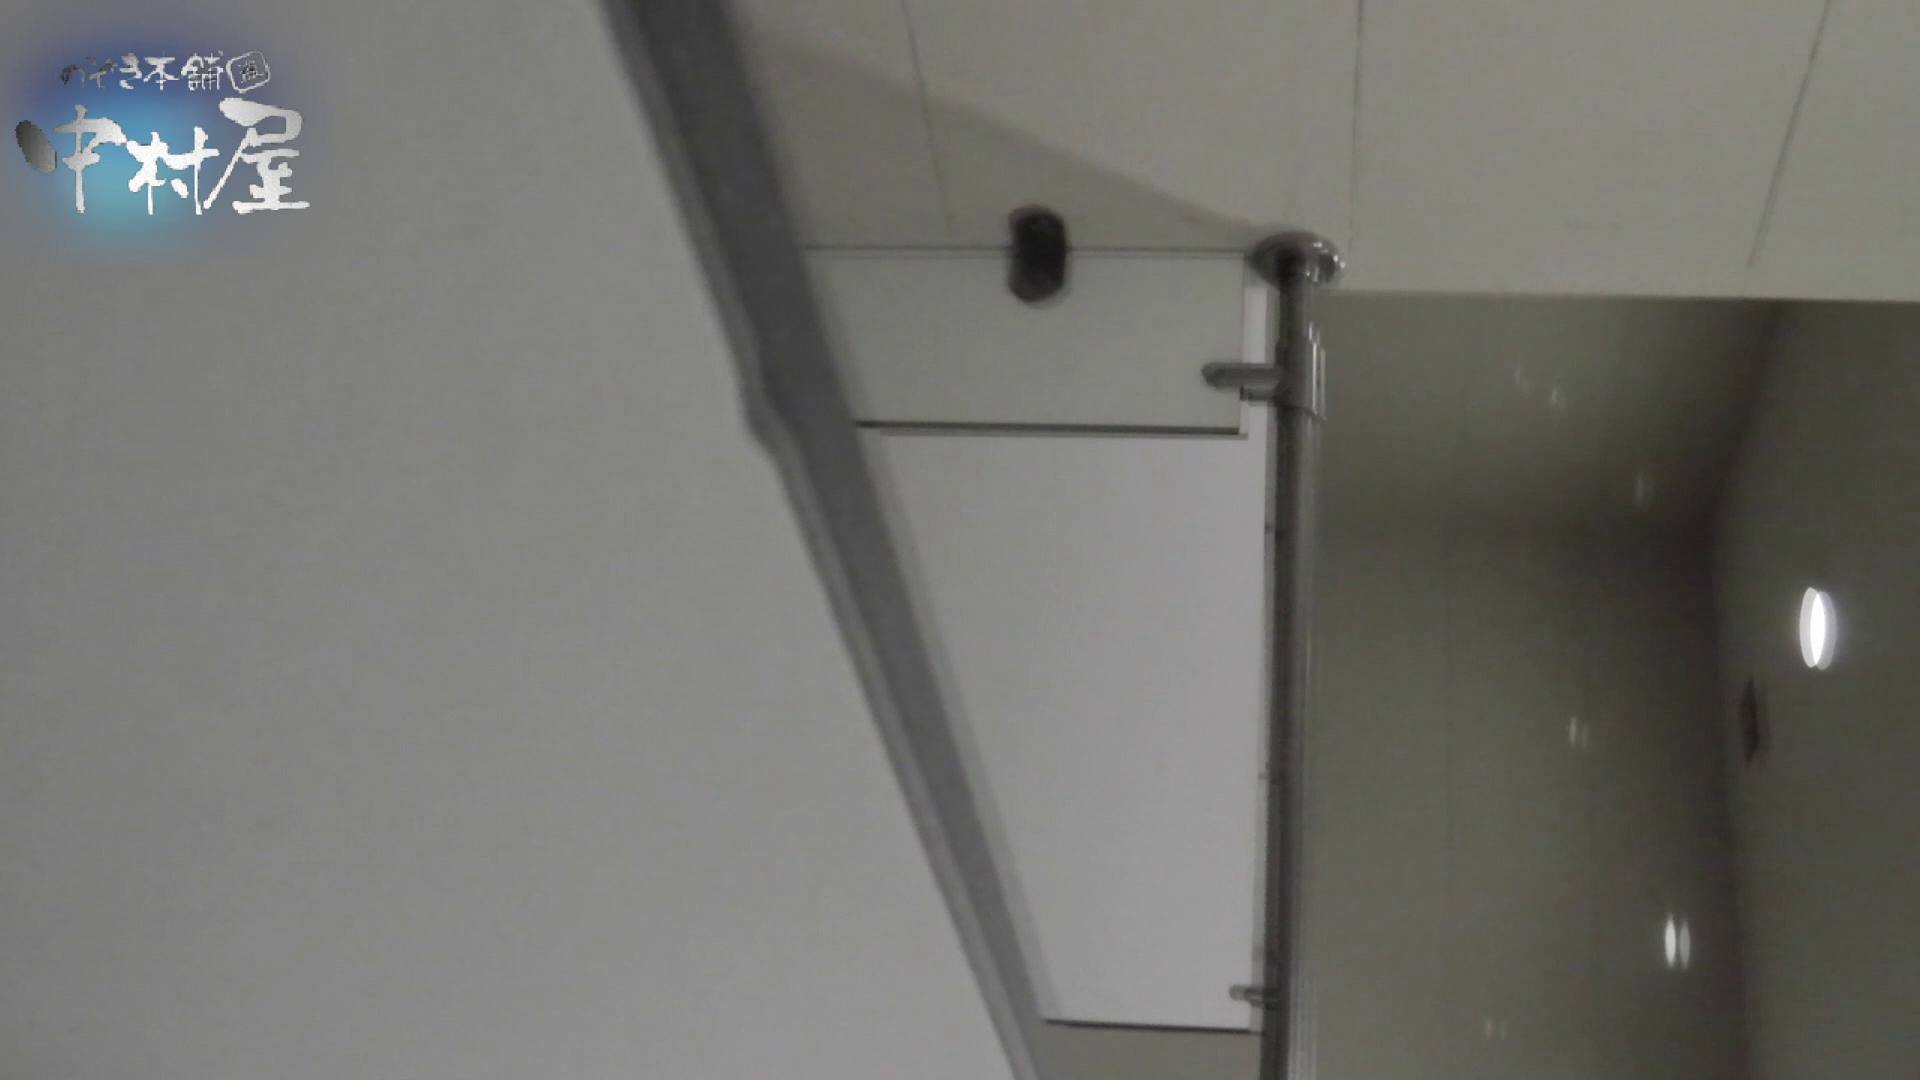 乙女集まる!ショッピングモール潜入撮vol.09 乙女 オメコ動画キャプチャ 87pic 9